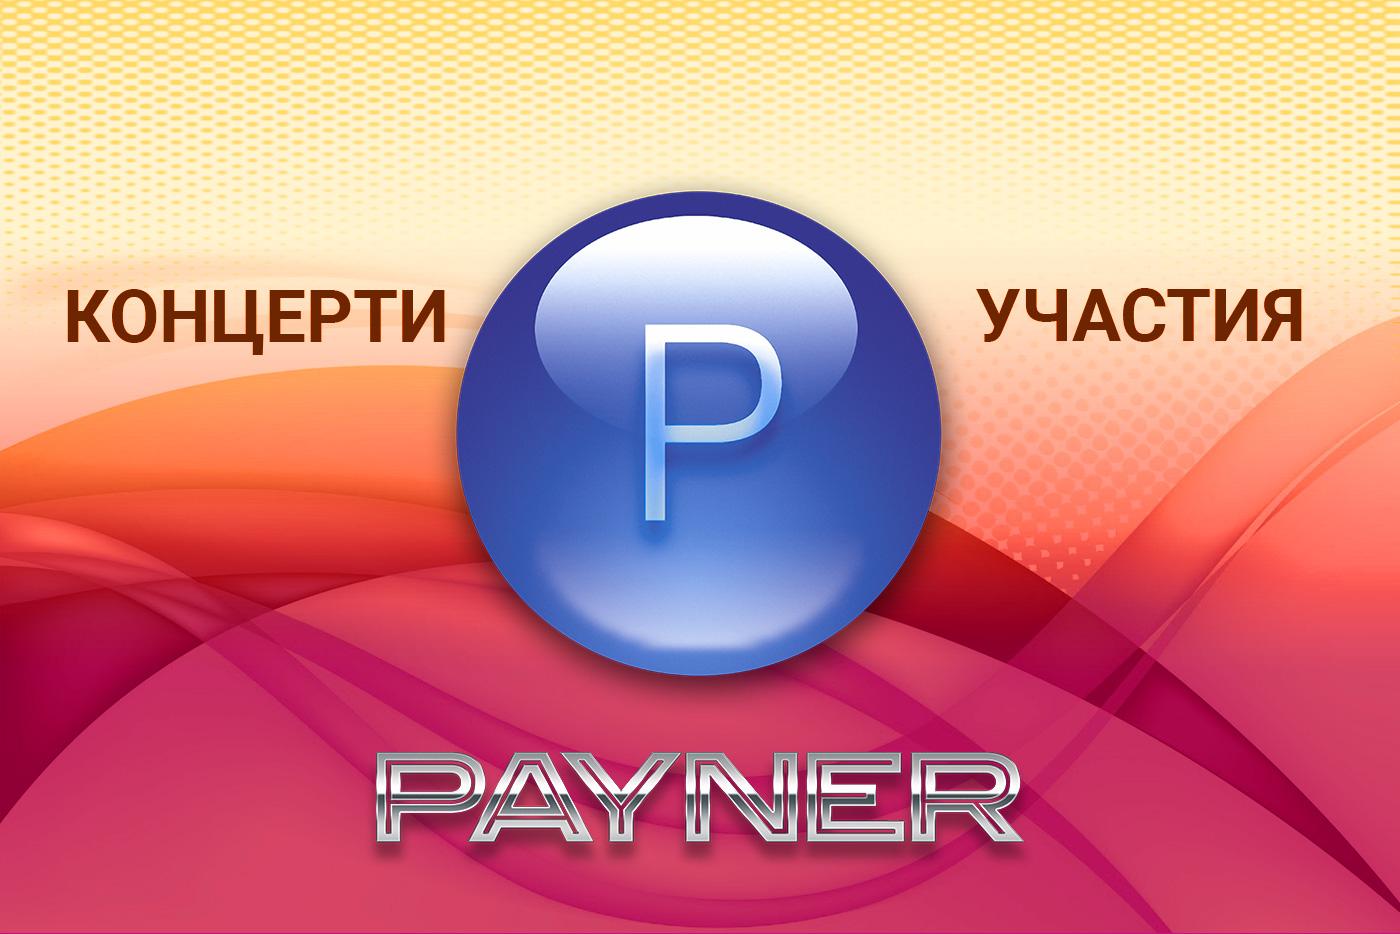 """Участия на звездите на """"Пайнер"""" на 18.05.2019"""